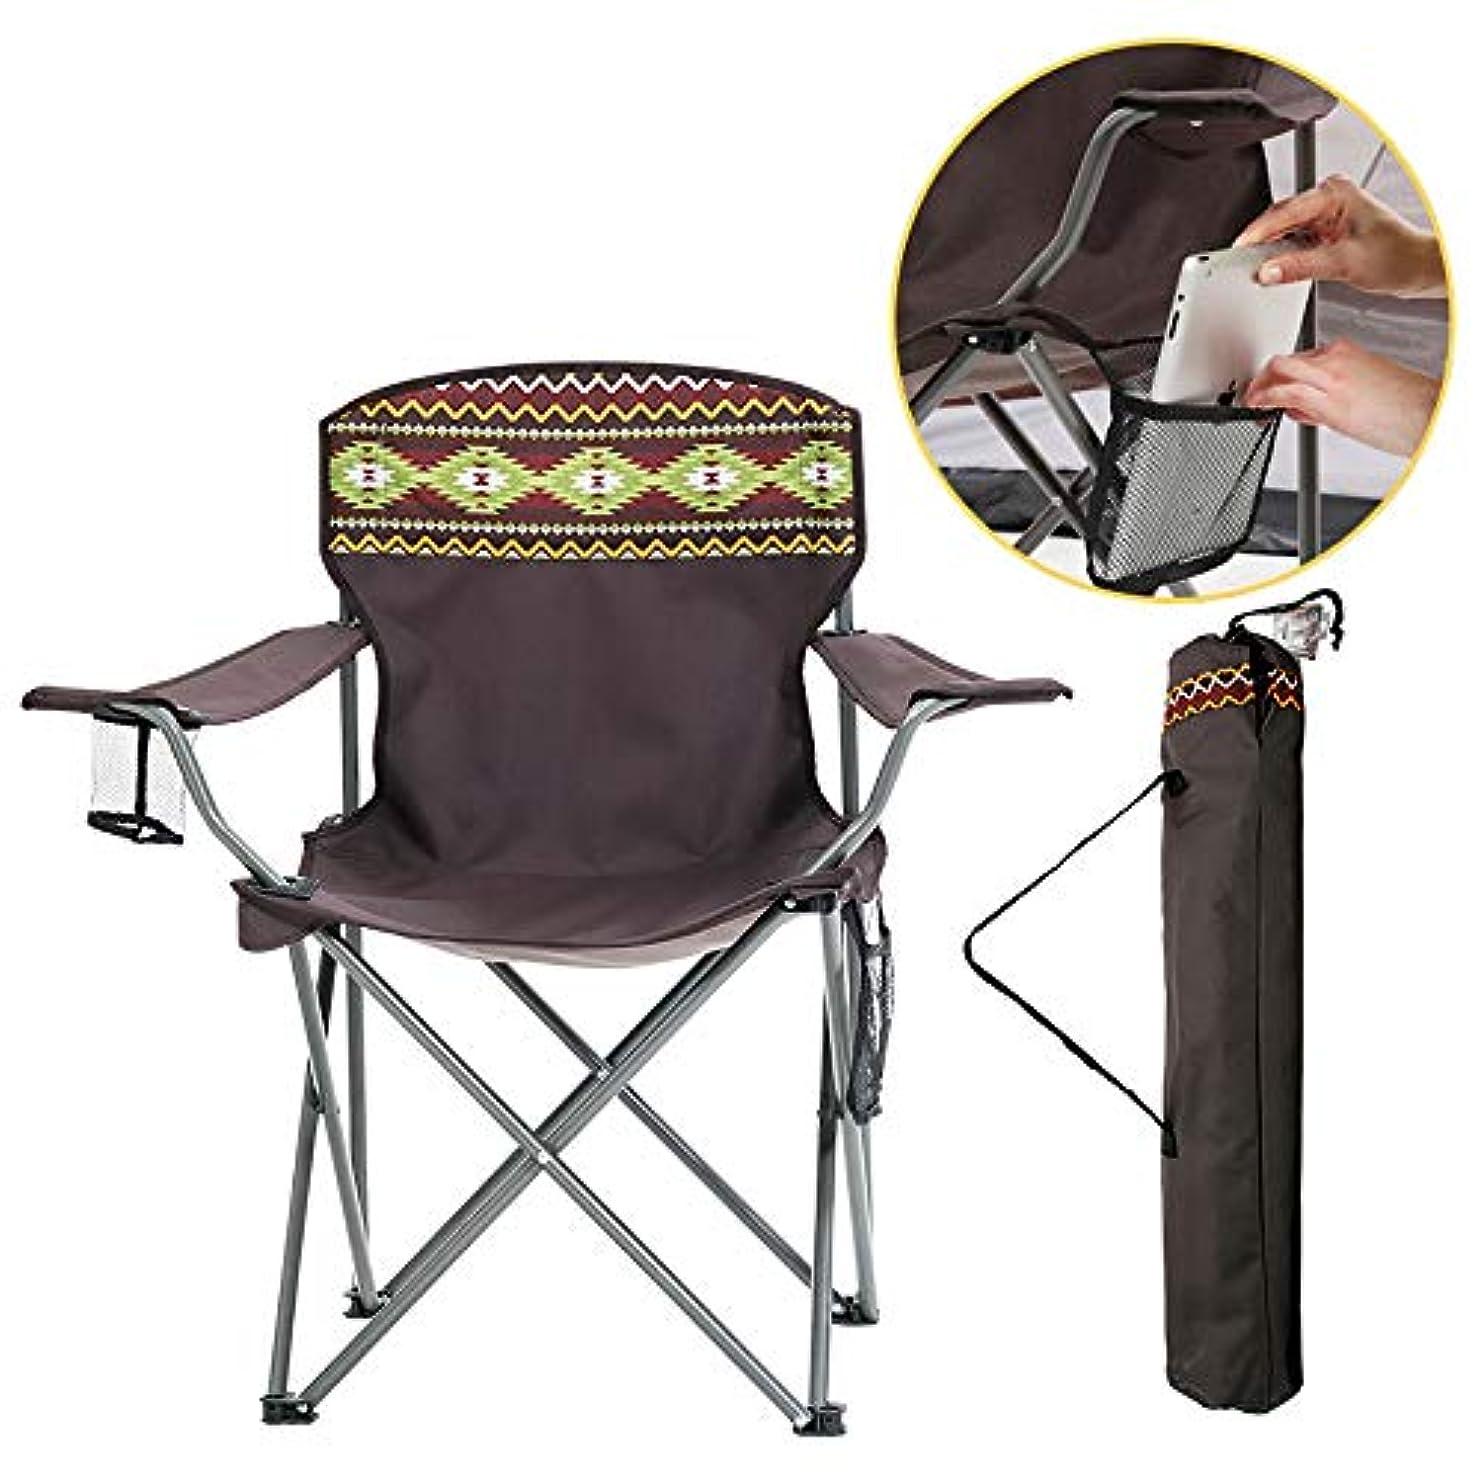 読書作成者大陸VeroMan アウトドアチェア 折りたたみチェア チェアリング リゾートチェア キャンプ 椅子 コンパクト 超軽量 収納バッグ付き 持ち運びに便利